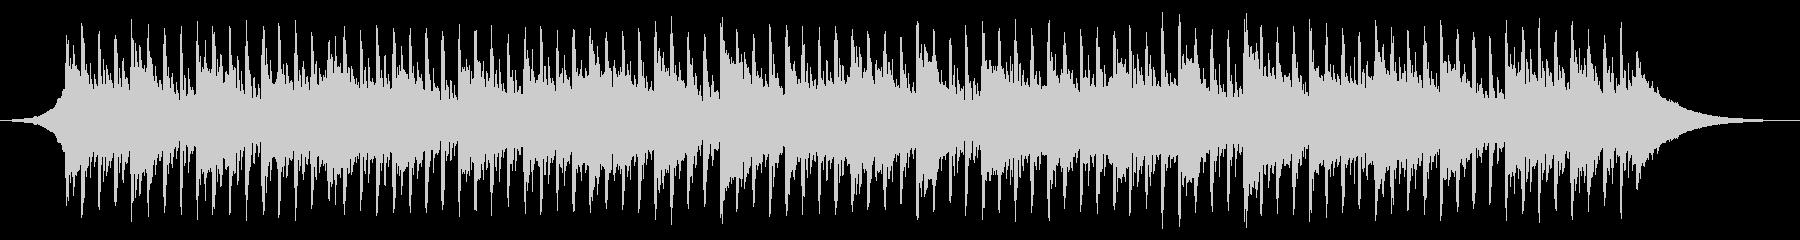 医学のインスピレーション(60秒)の未再生の波形